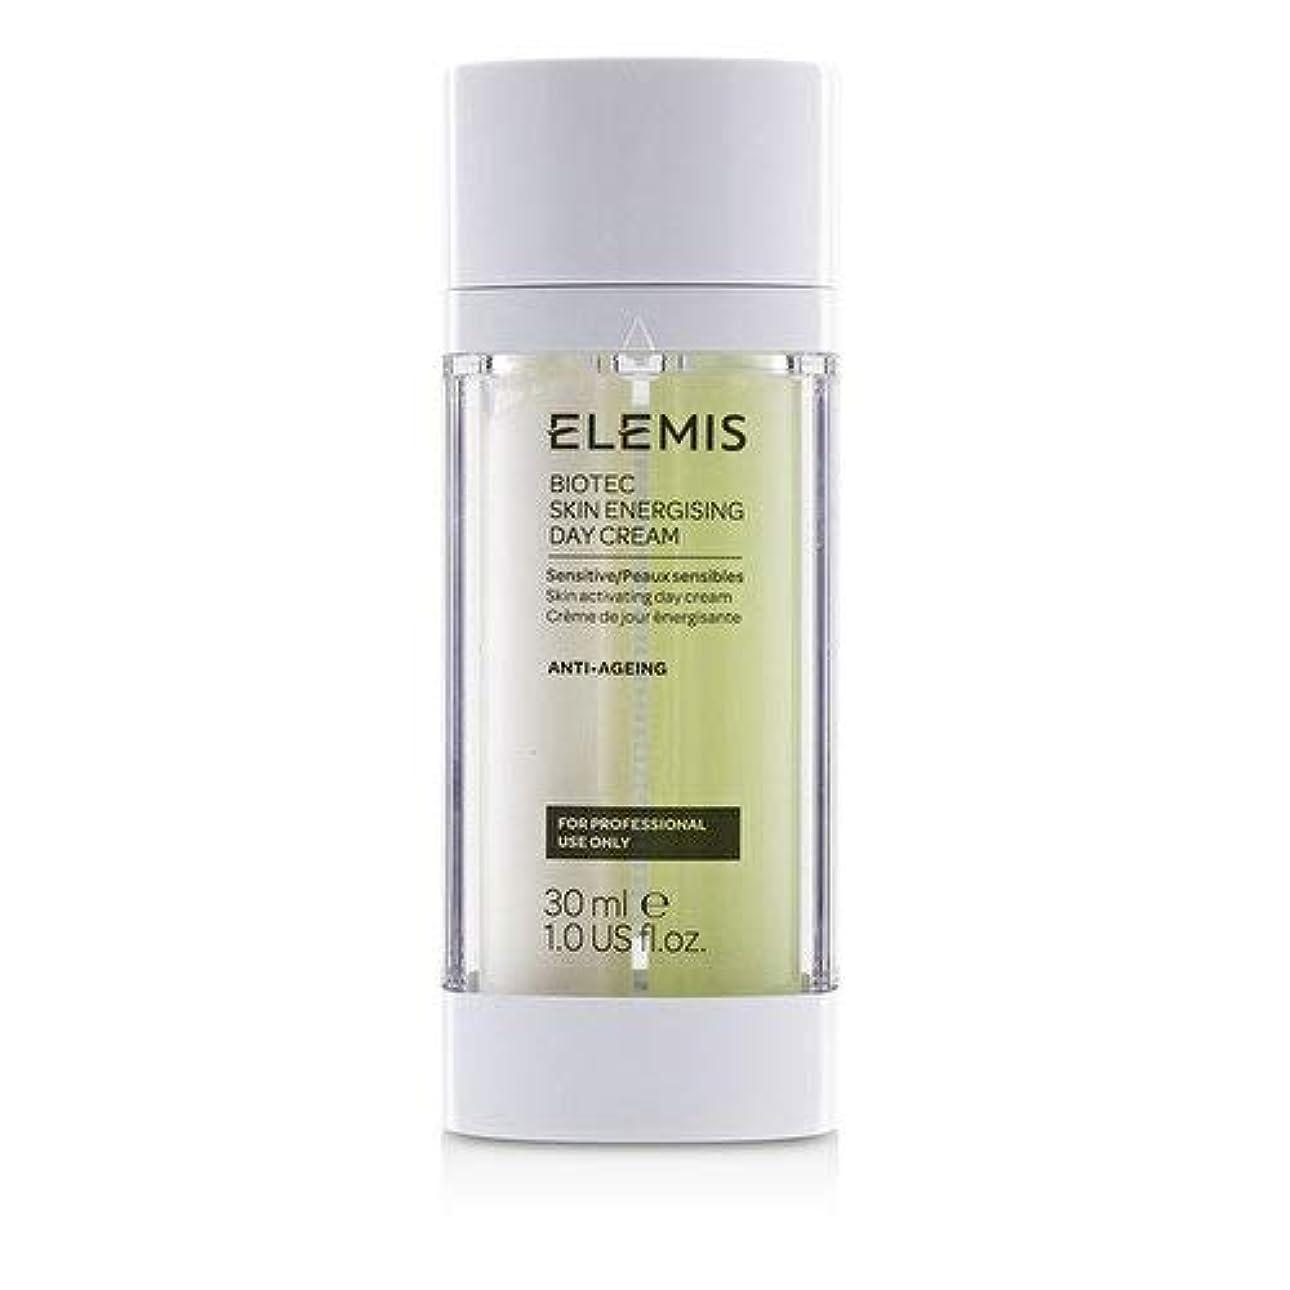 奴隷繁殖すずめエレミス BIOTEC Skin Energising Day Cream - Sensitive (Salon Product) 30ml/1oz並行輸入品